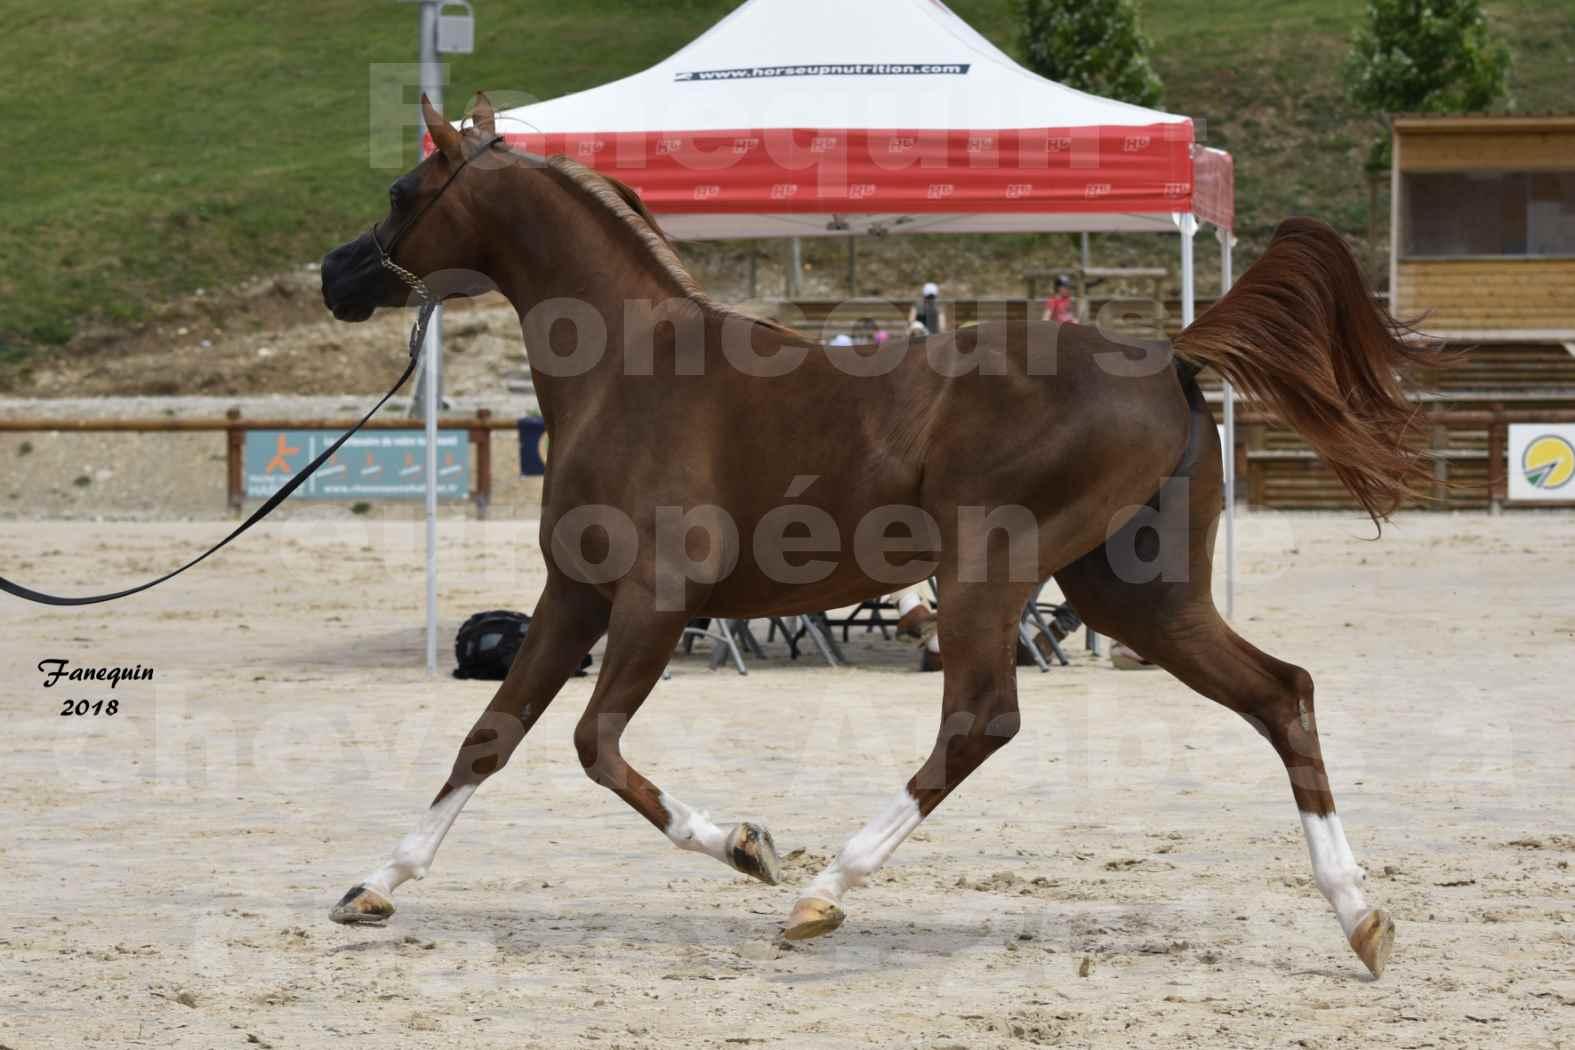 Concours Européen de chevaux Arabes à Chazey sur Ain 2018 - FANTASTIK - Notre Sélection - 7